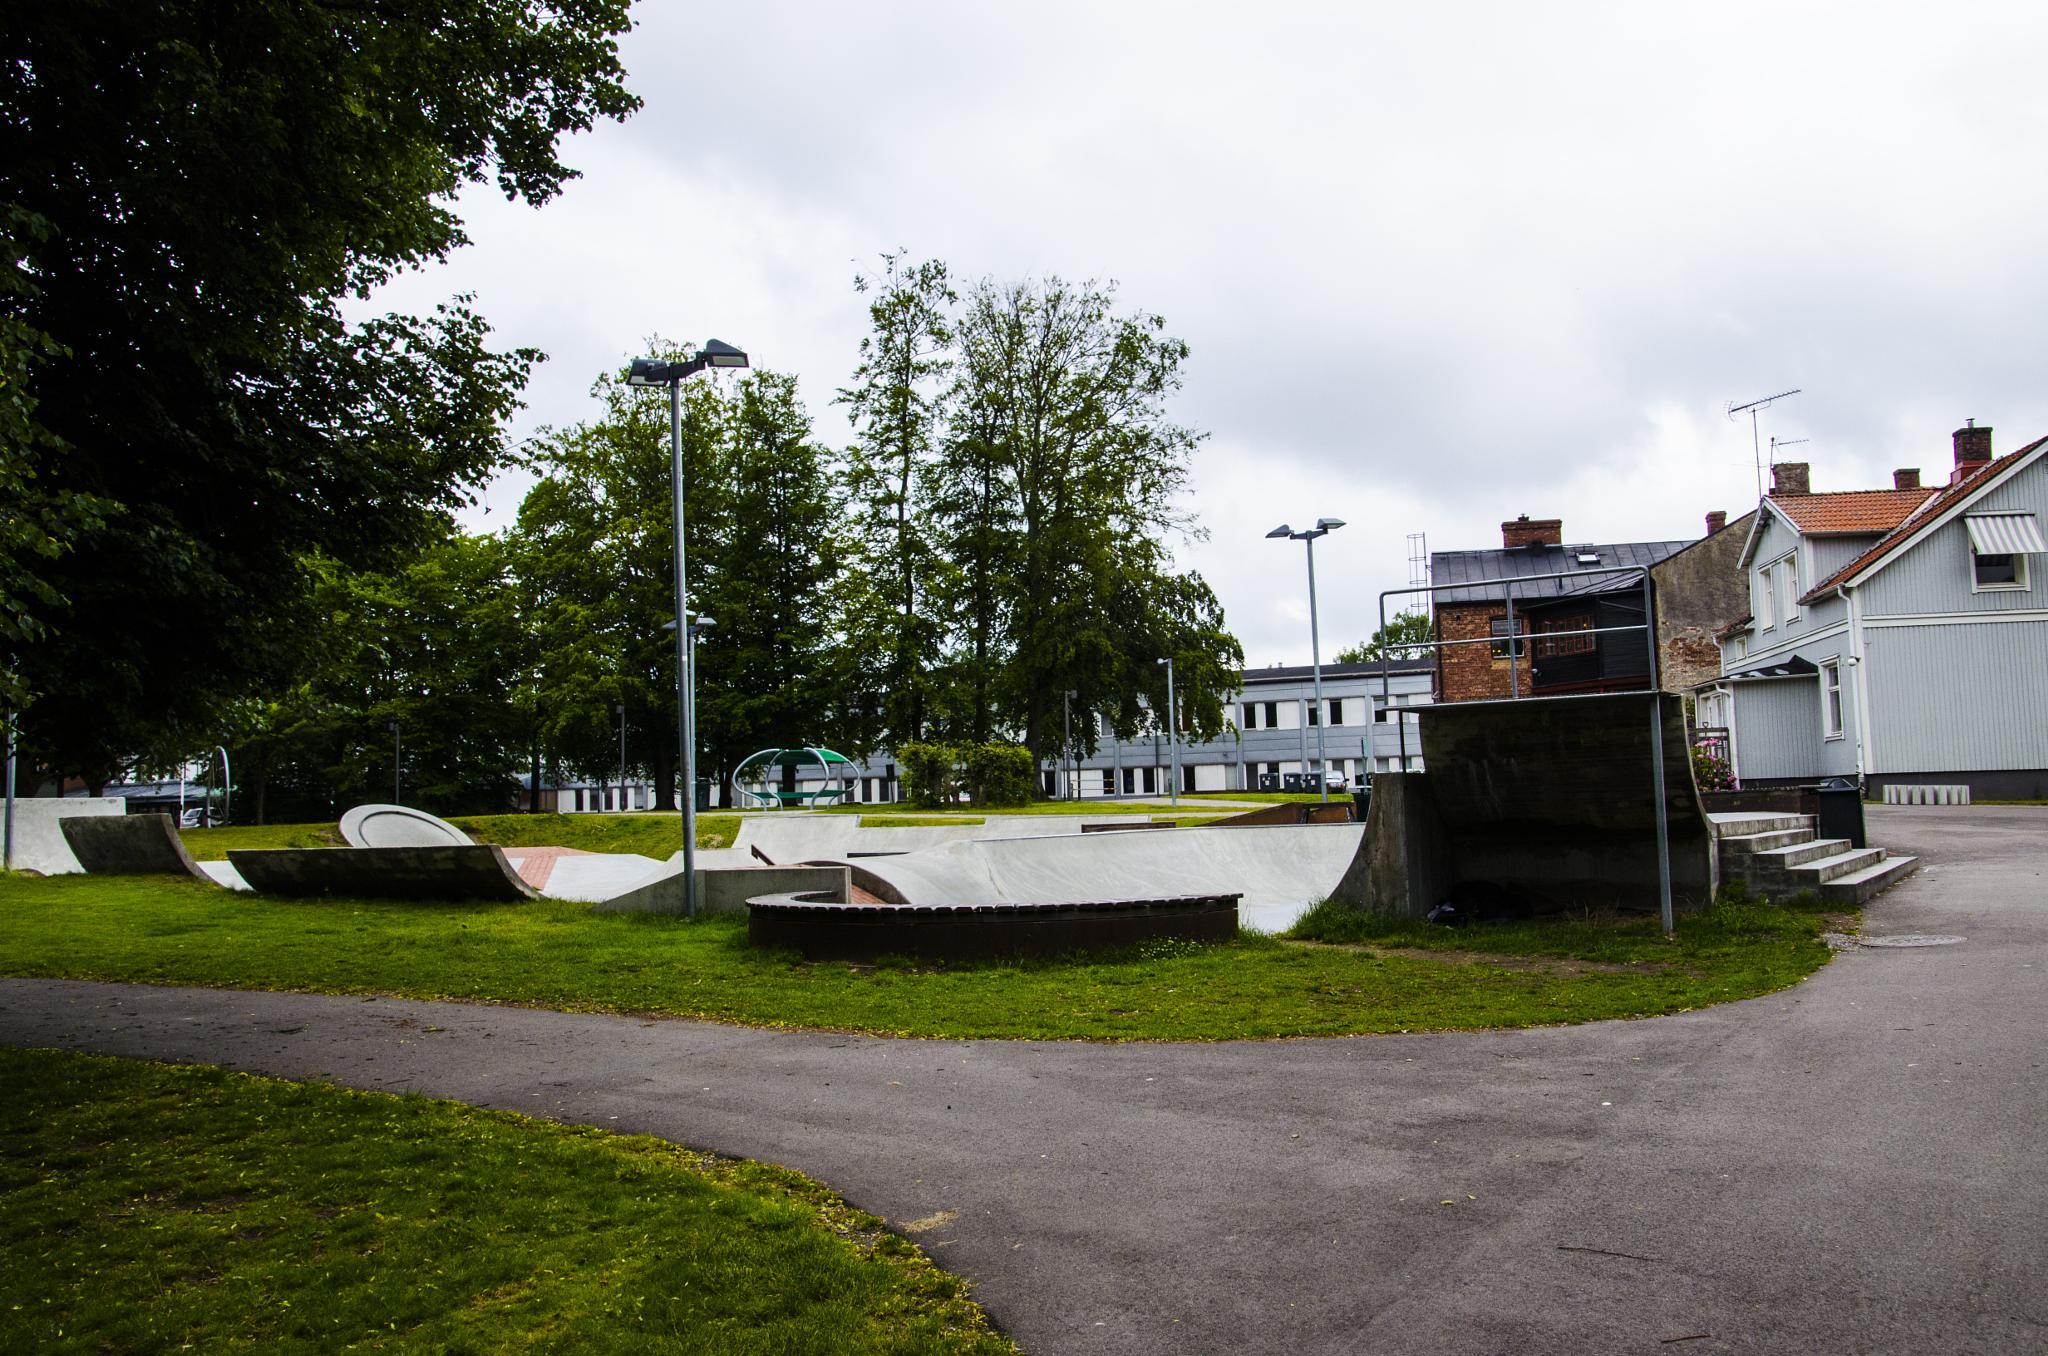 Skatebord park by Johnny Lythell